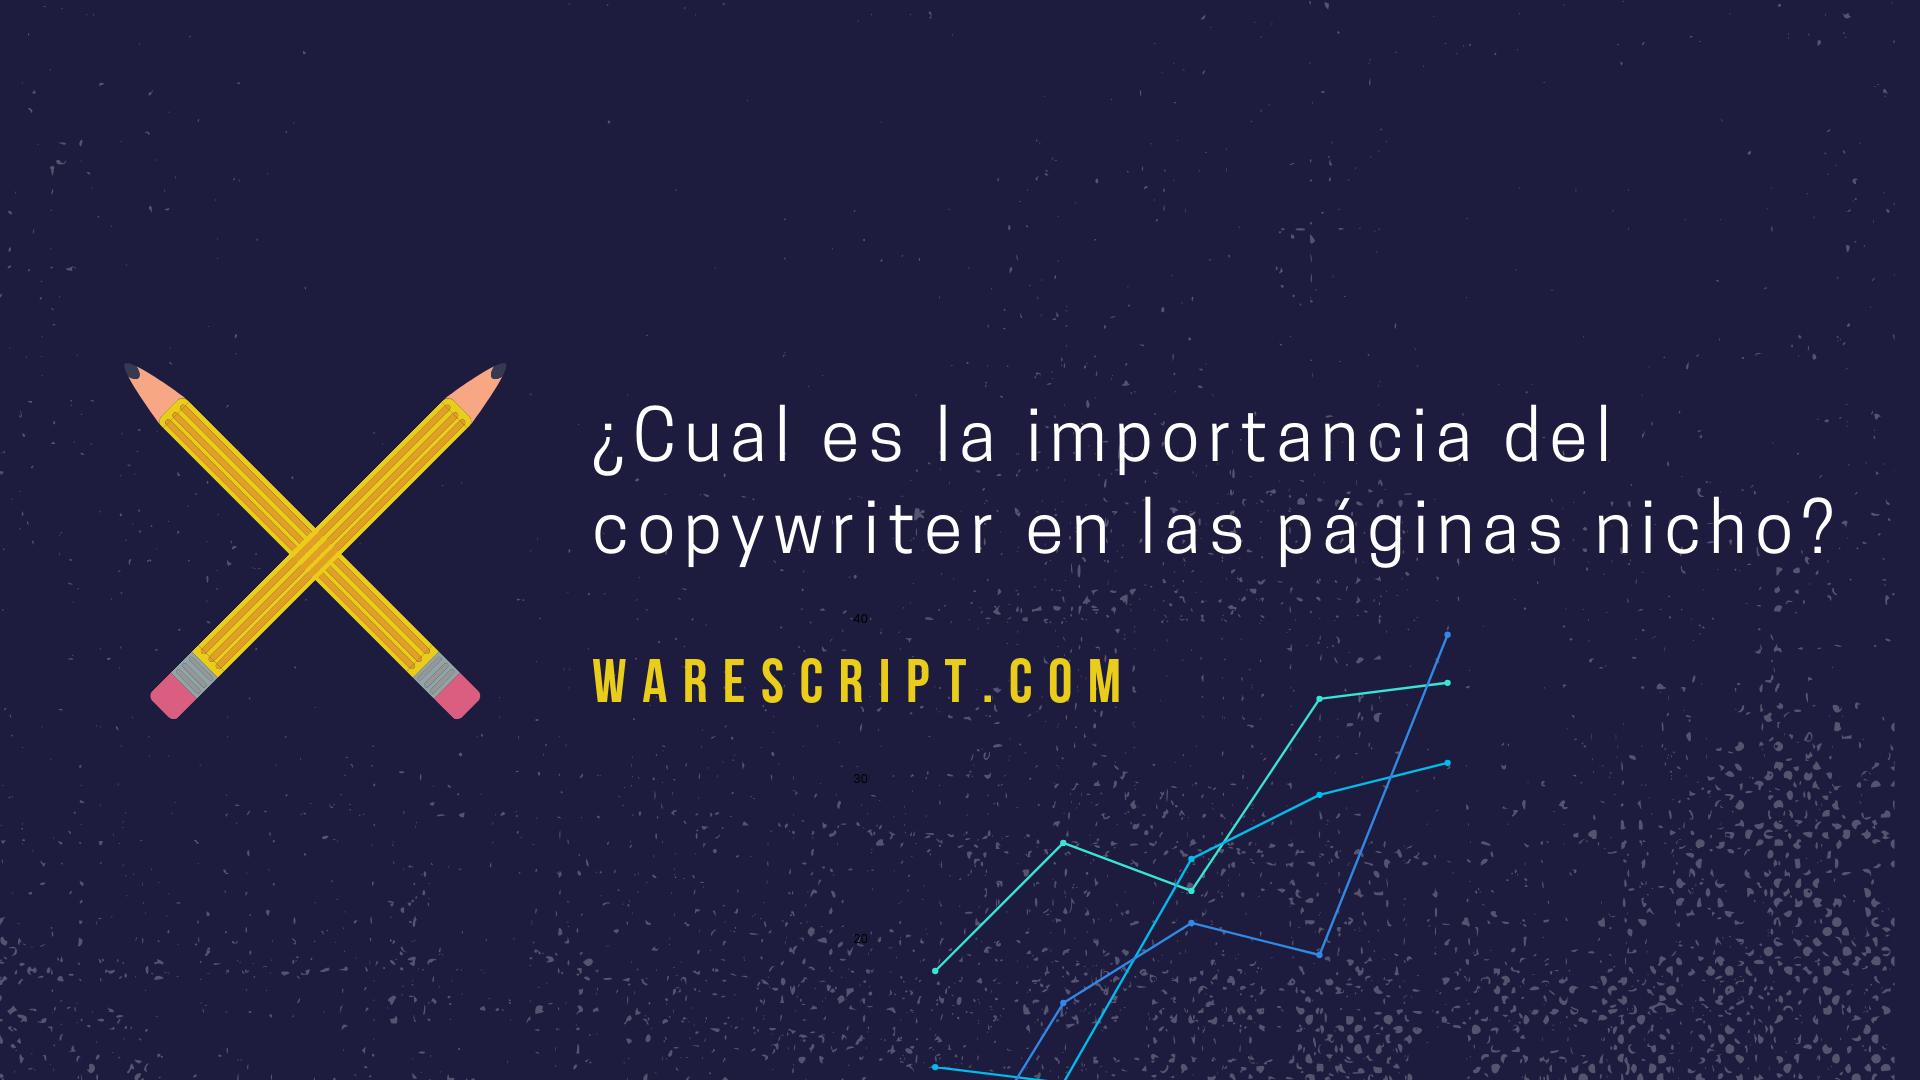 importancia del copywriter en las paginas nicho